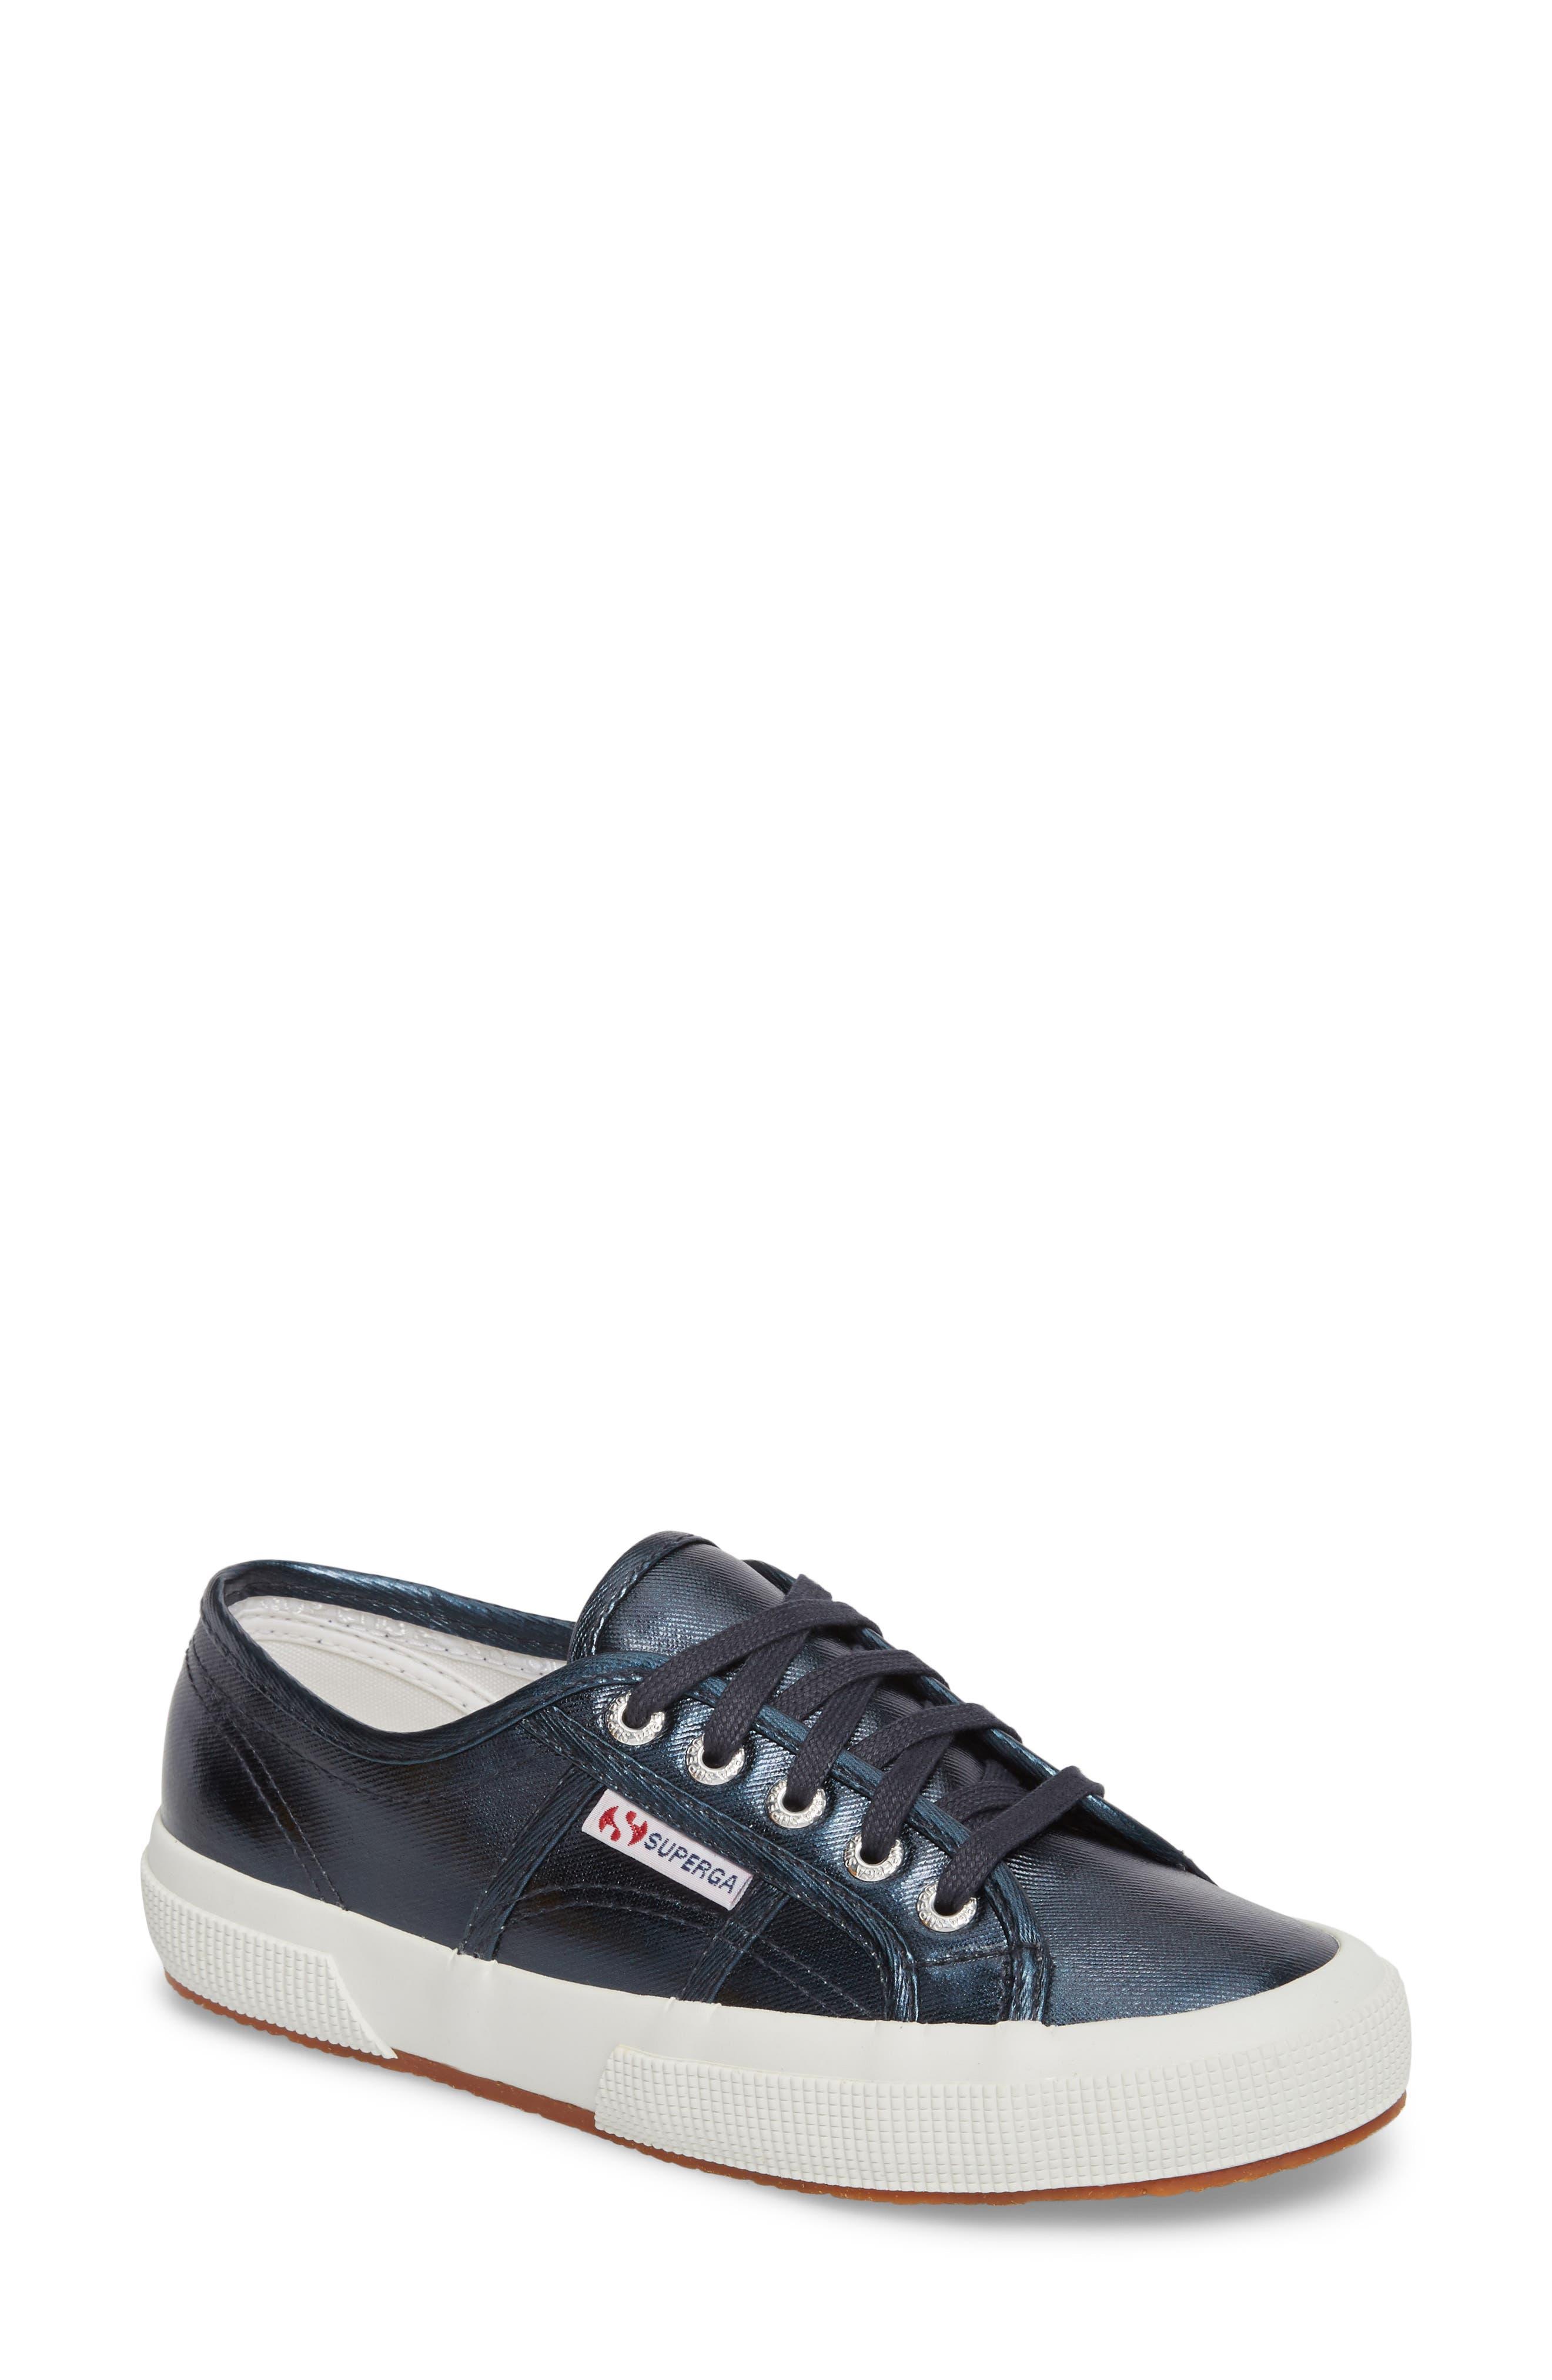 'Cotmetu' Metallic Sneaker,                             Main thumbnail 1, color,                             478